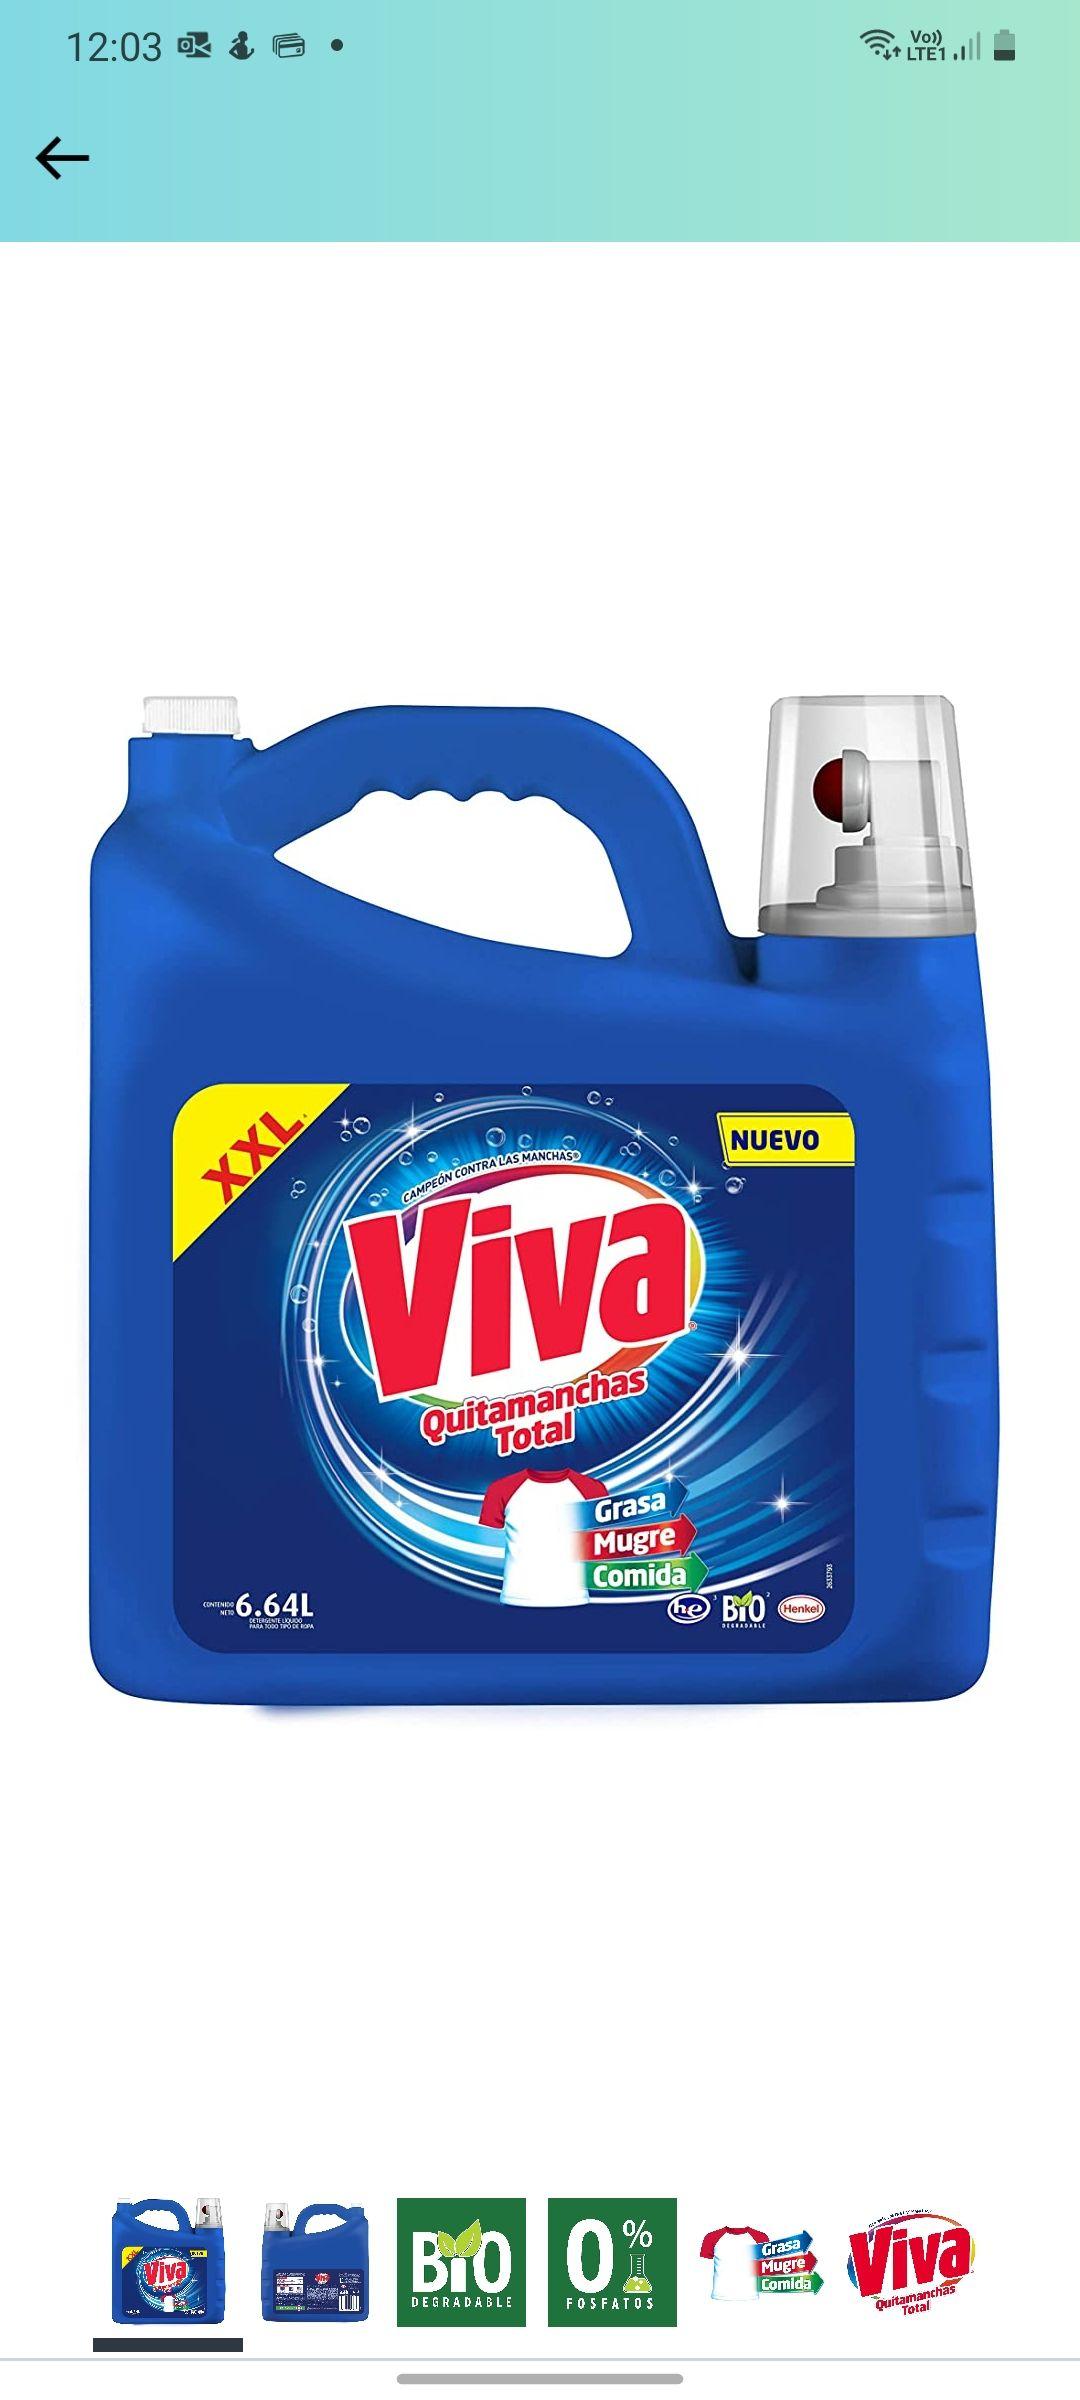 Amazon: Viva Quitamanchas Total Regular, Detergente líquido 6.64 L (Planea y Ahorra)